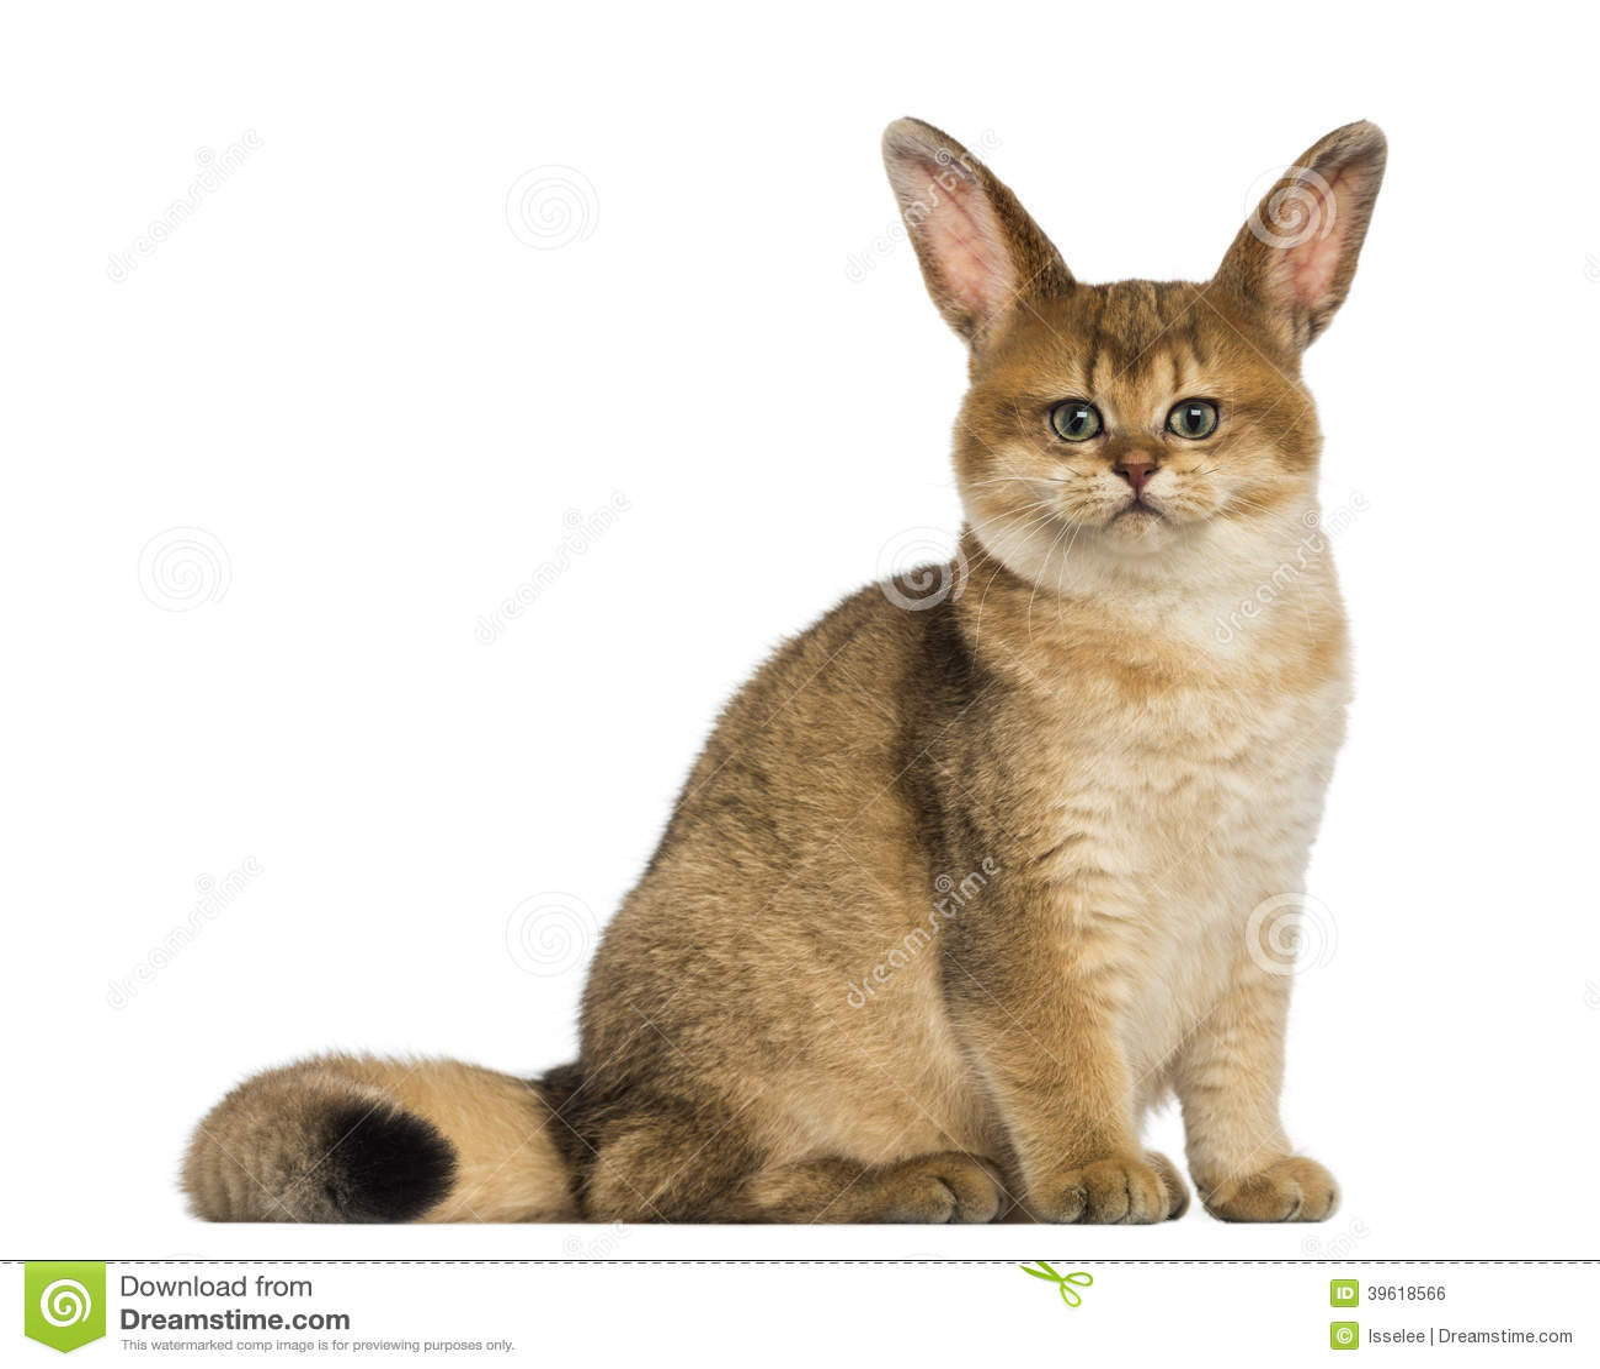 La gale d'oreilles chez le chat - Parasites et maladies